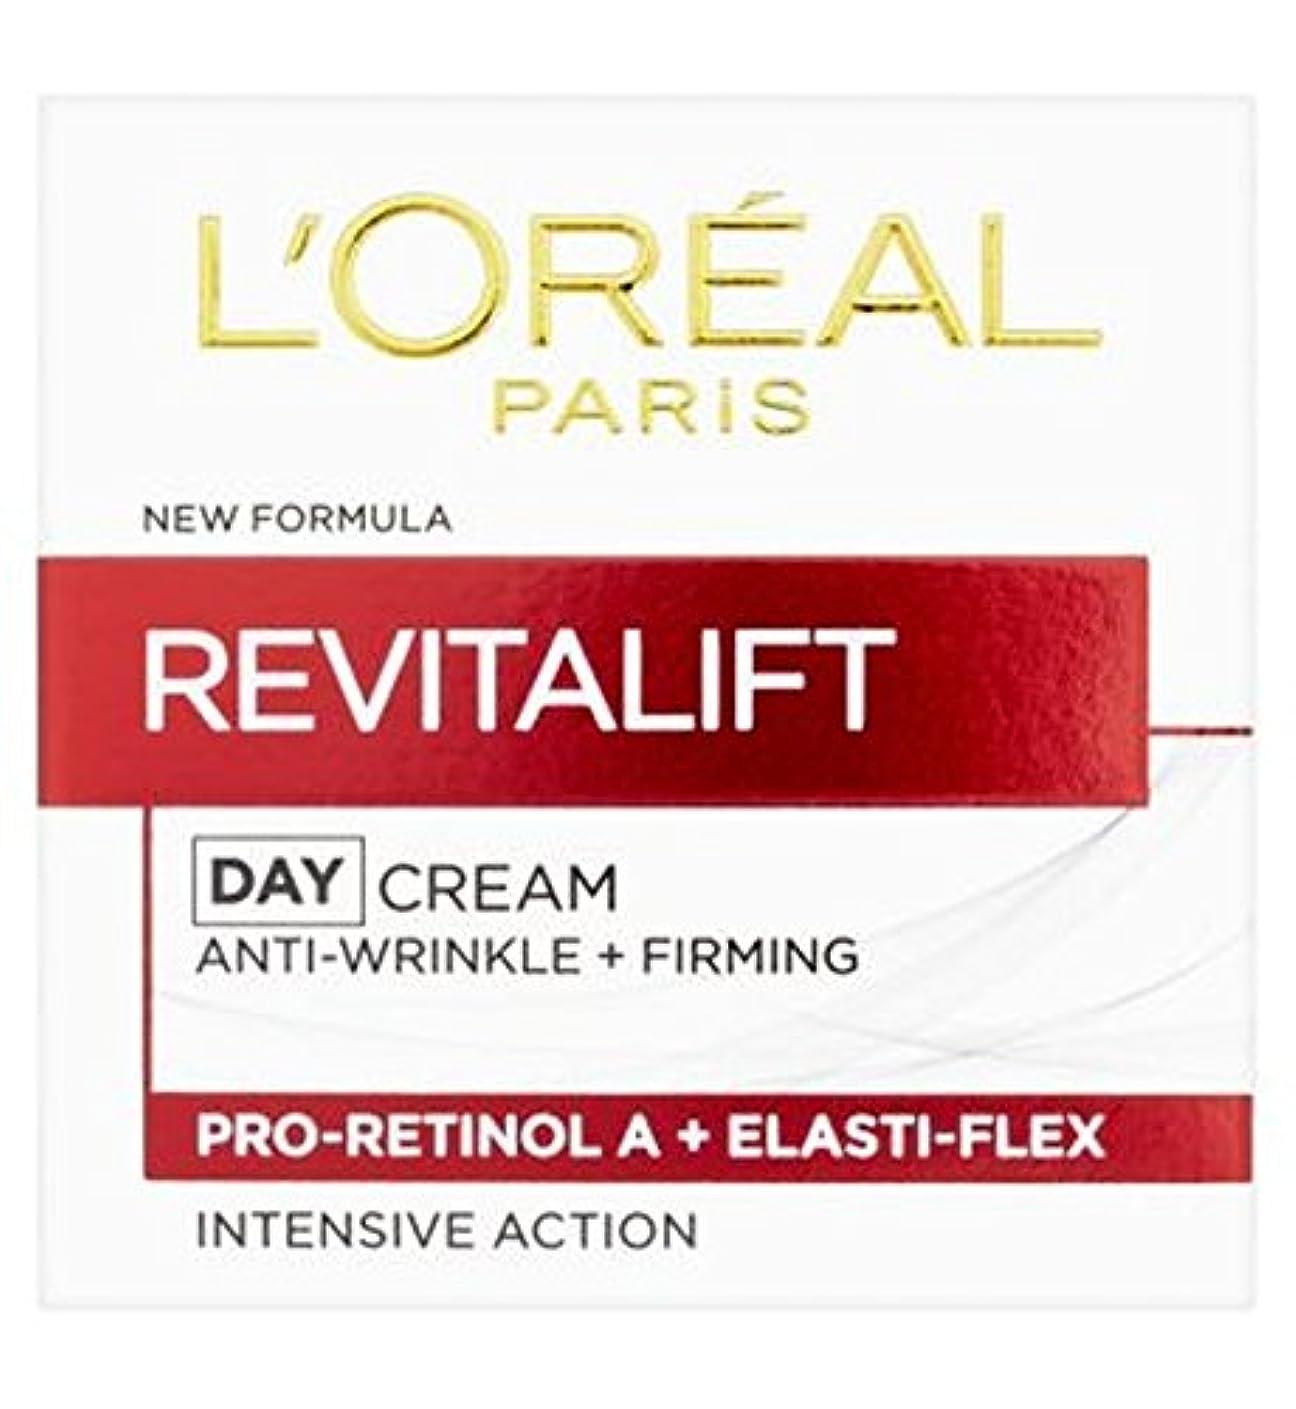 前投薬アレルギー急降下L'Oreal Revitalift Anti Wrinkle and Firming Day Cream 50ml - ロレアルのRevitalift抗シワやファーミングデイクリーム50ミリリットル (L'Oreal)...